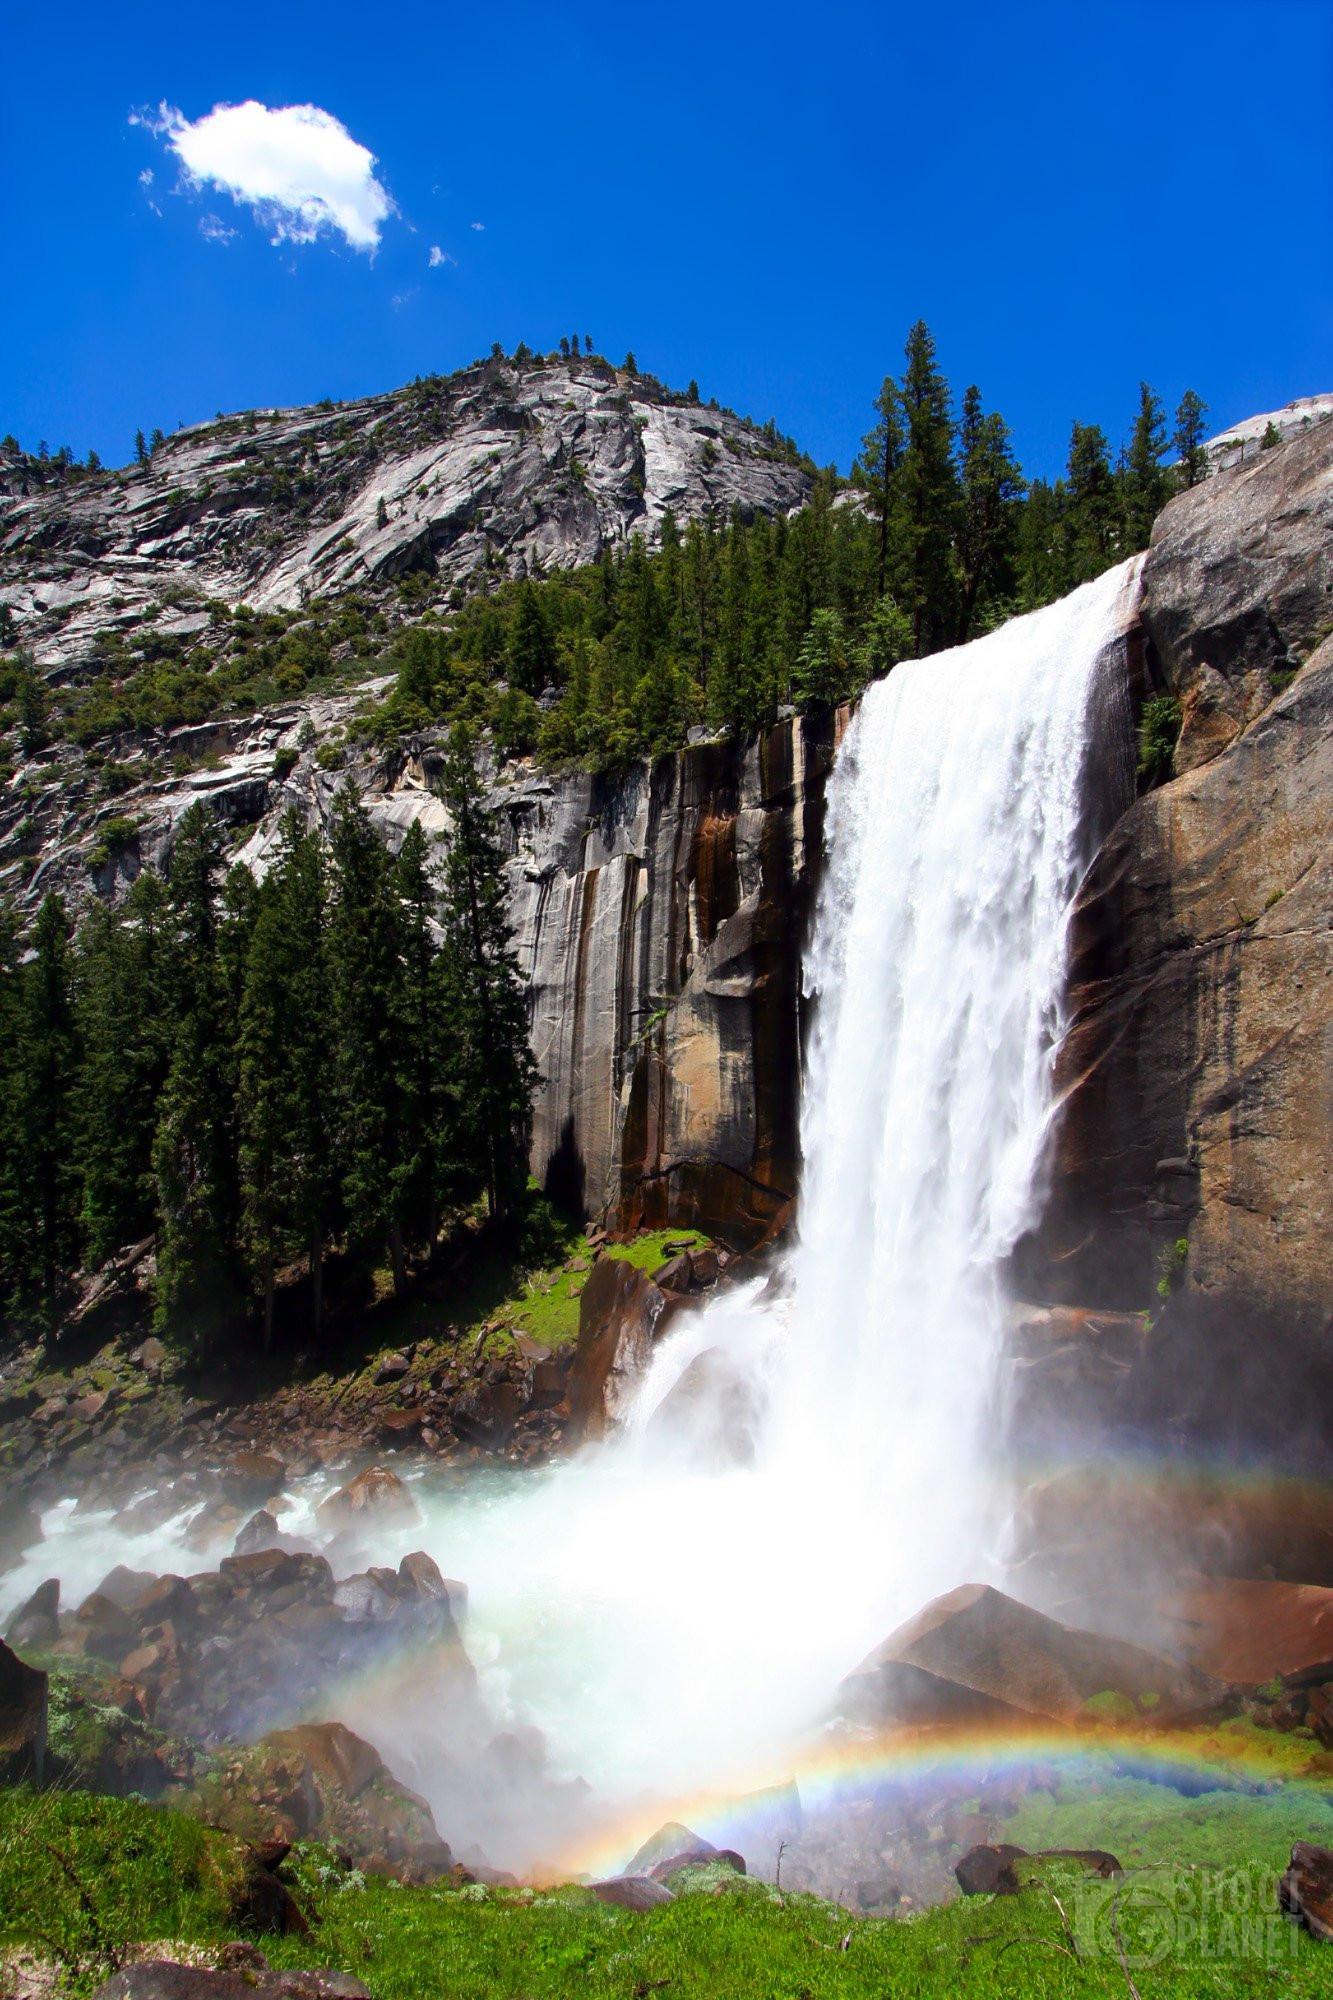 Vernal Fall rainbow, Yosemite National Park, California